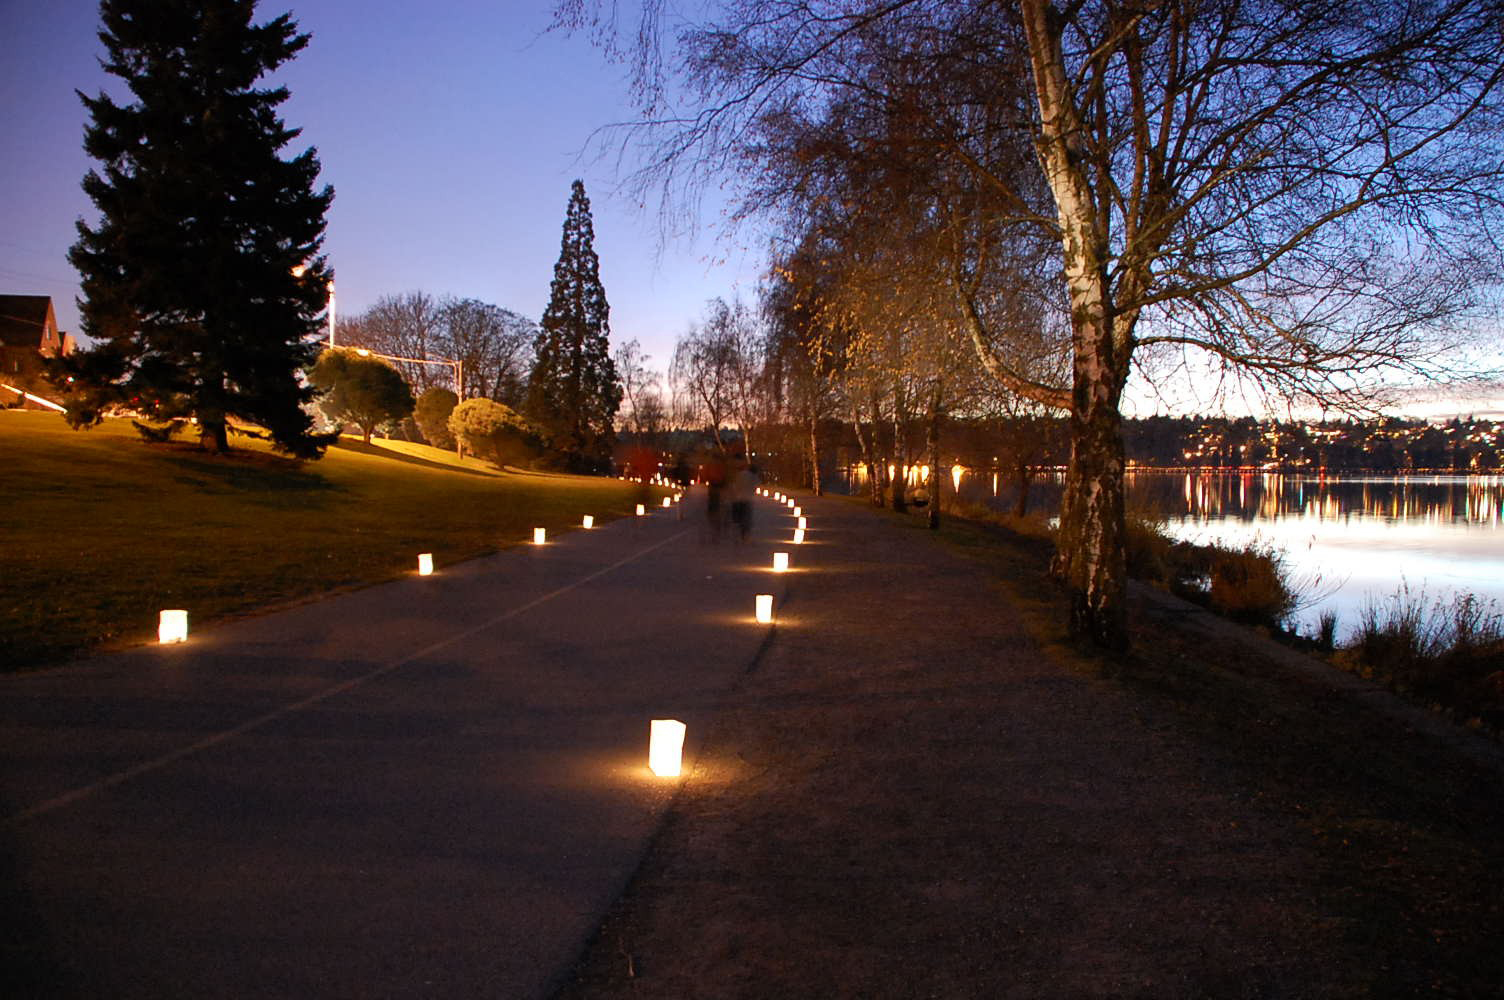 Pathway-of-Lights